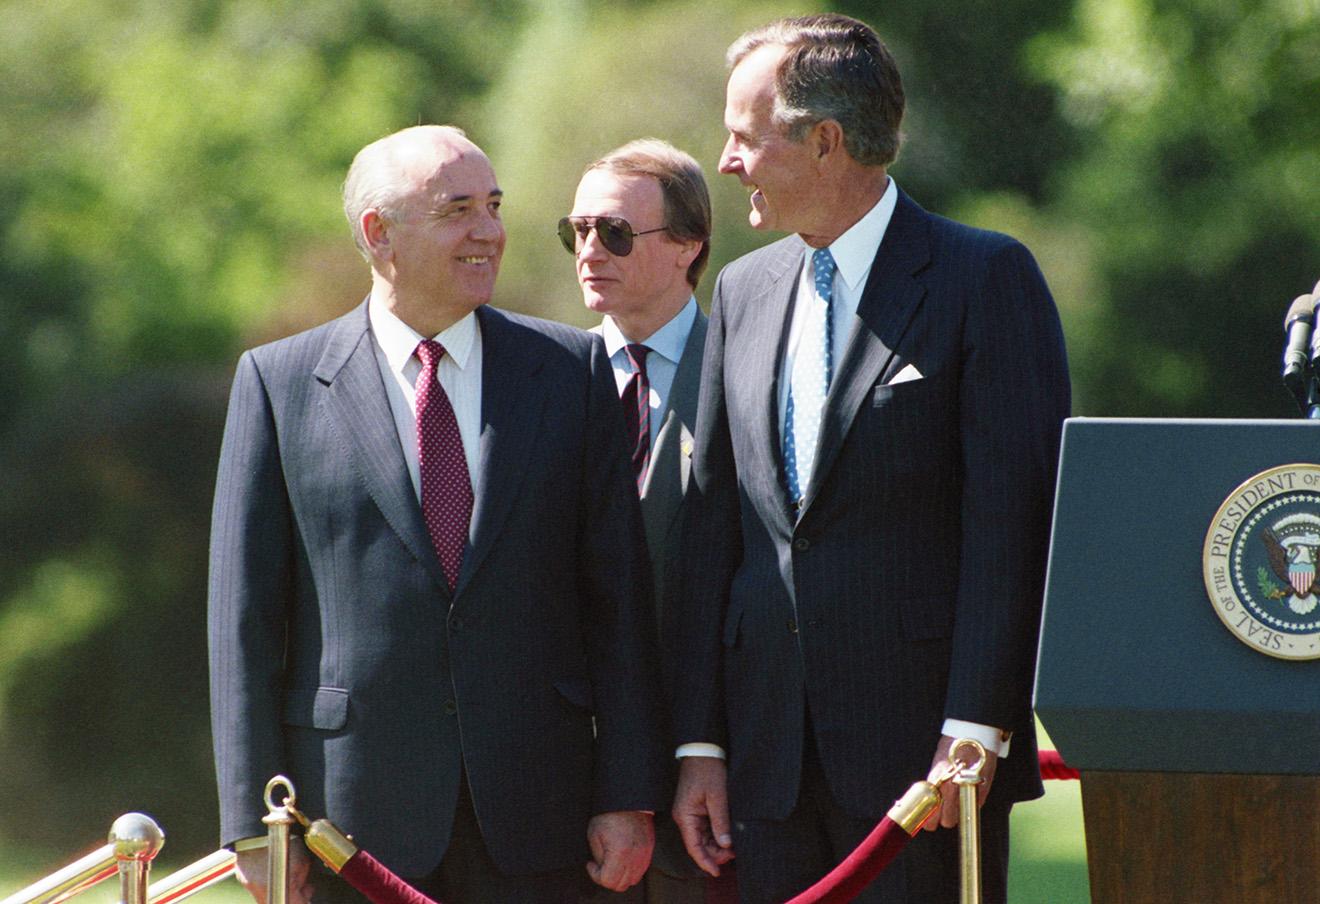 Президент СССР Михаил Горбачев и президент США Джордж Буш во время торжественной церемонии встречи в Белом доме. США, 5 июня 1990. Фото: Юрий Лизунов / ТАСС